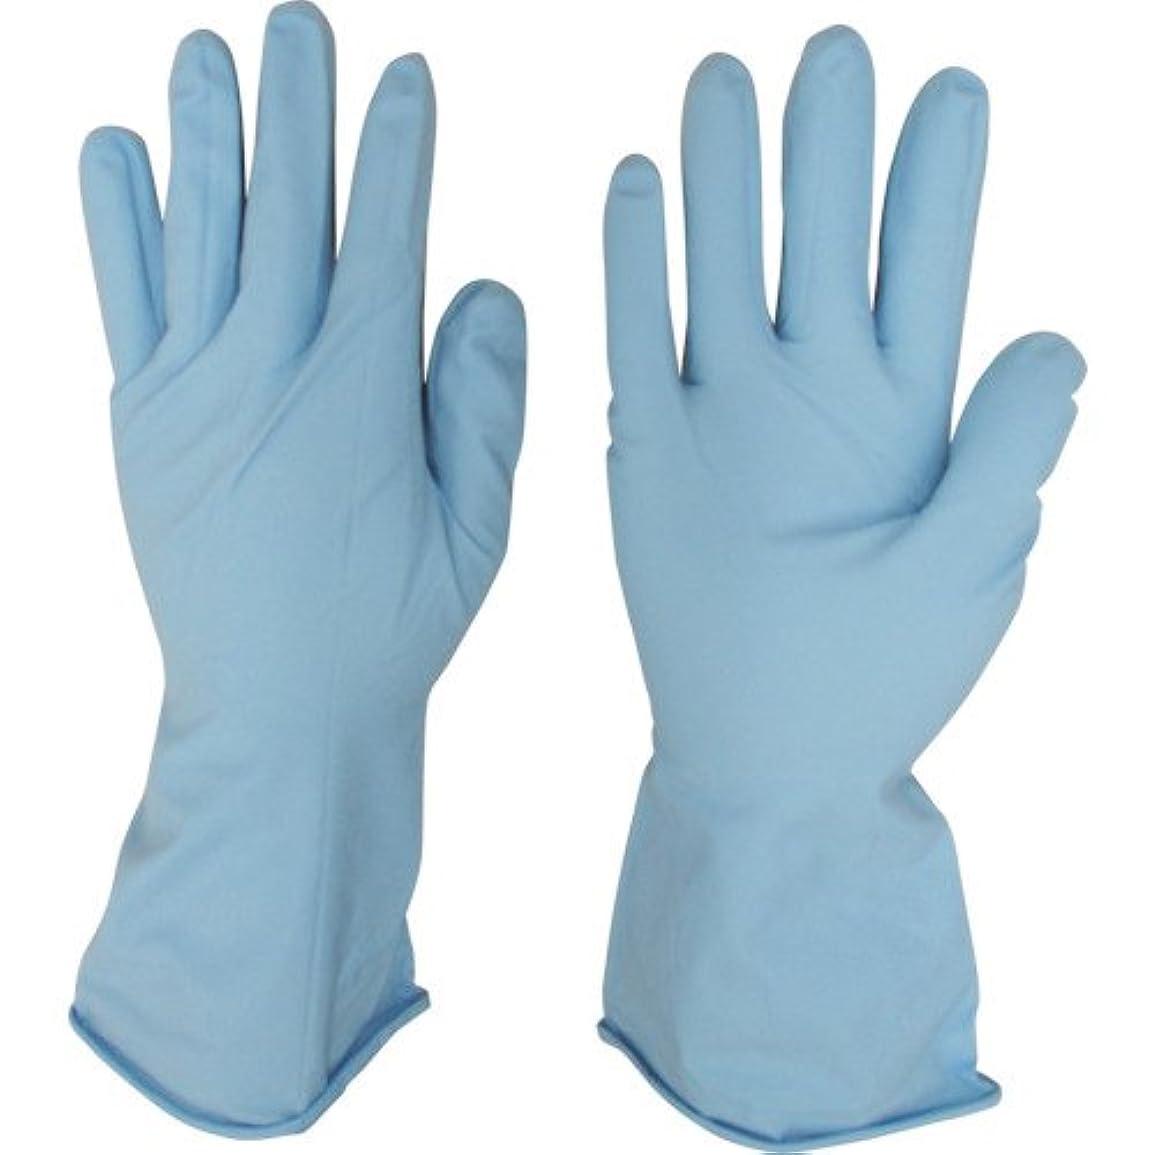 嘆願概して煙突宇都宮製作 作業用手袋 シンガーニトリル薄手手袋 パウダーフリー ブルー 10双入 S